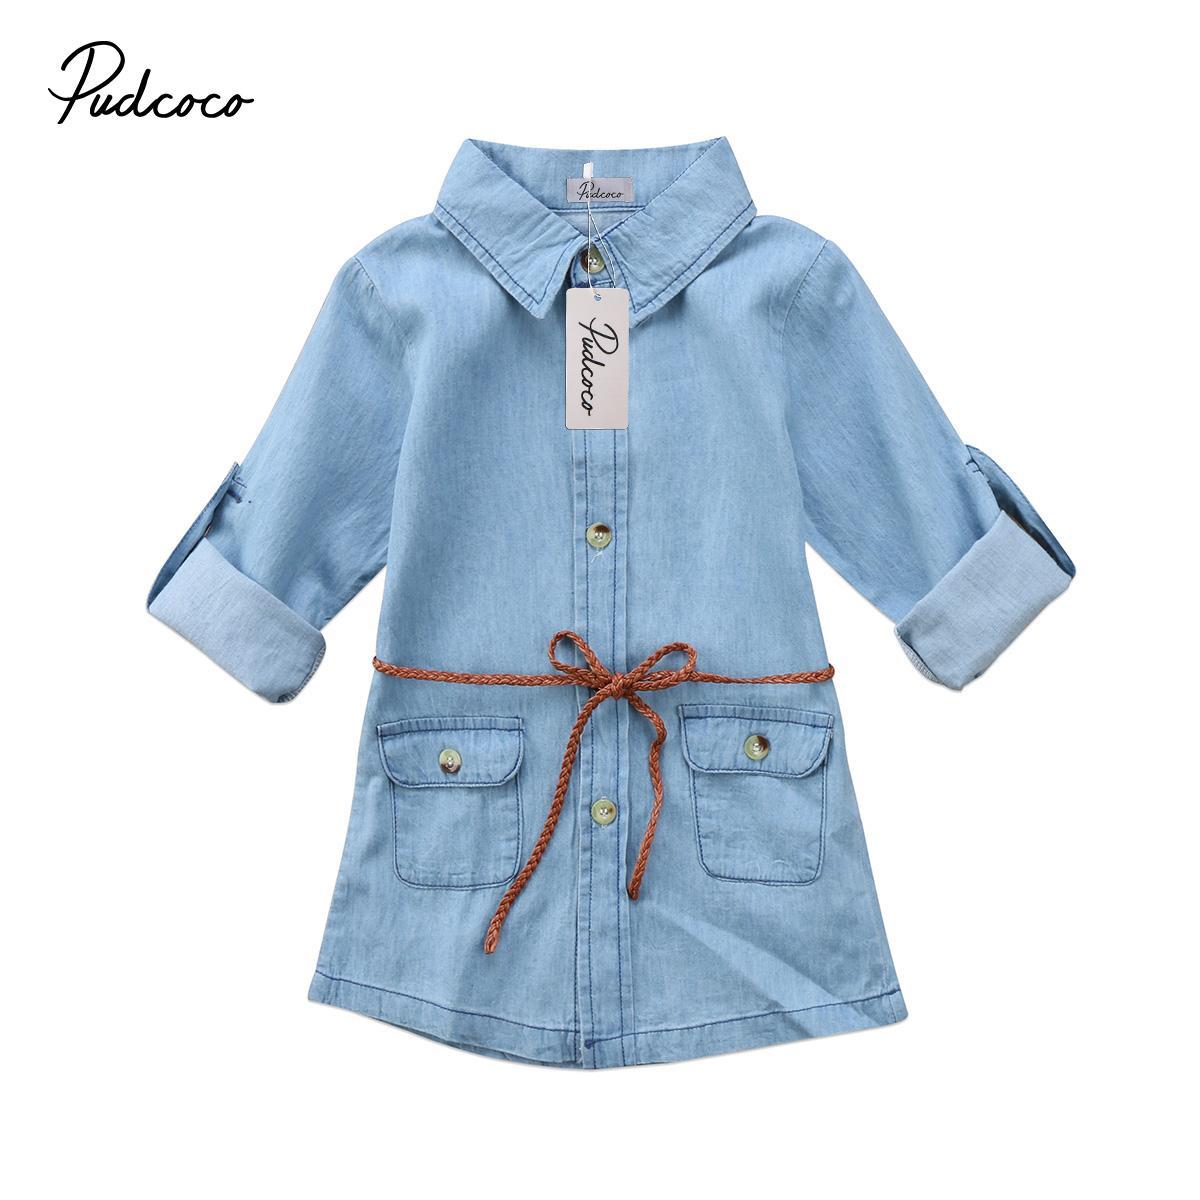 Helen115 Adorável Crianças menina roupas de Manga Comprida Jeans Denim Bolso Camisa Solta Vestidos 2-7 Anos